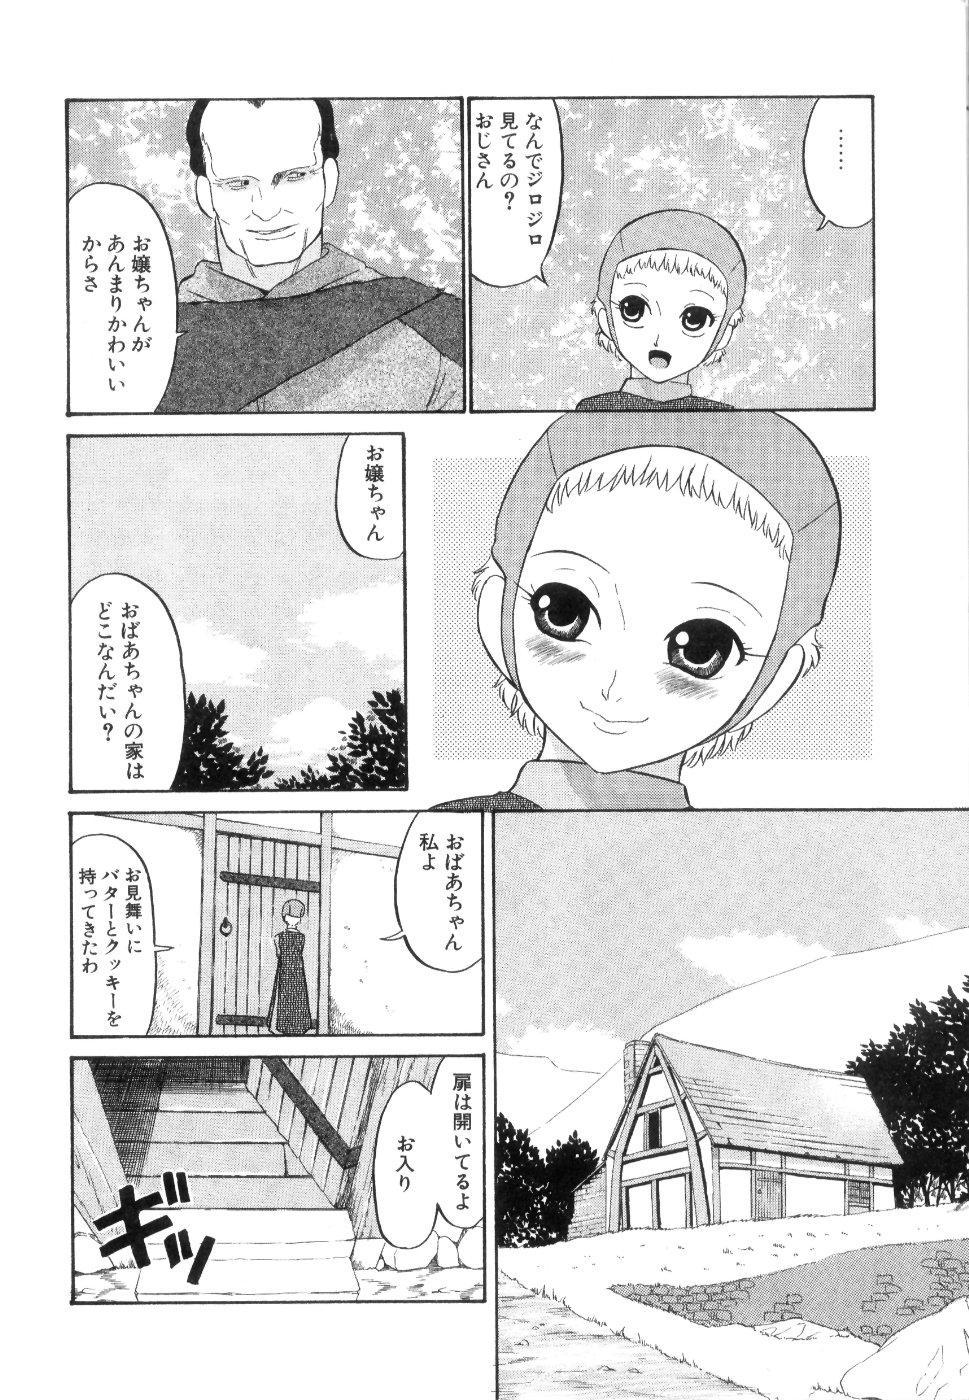 [Dozamura] Doguu -Dozamura Guuwa- Kuro 12